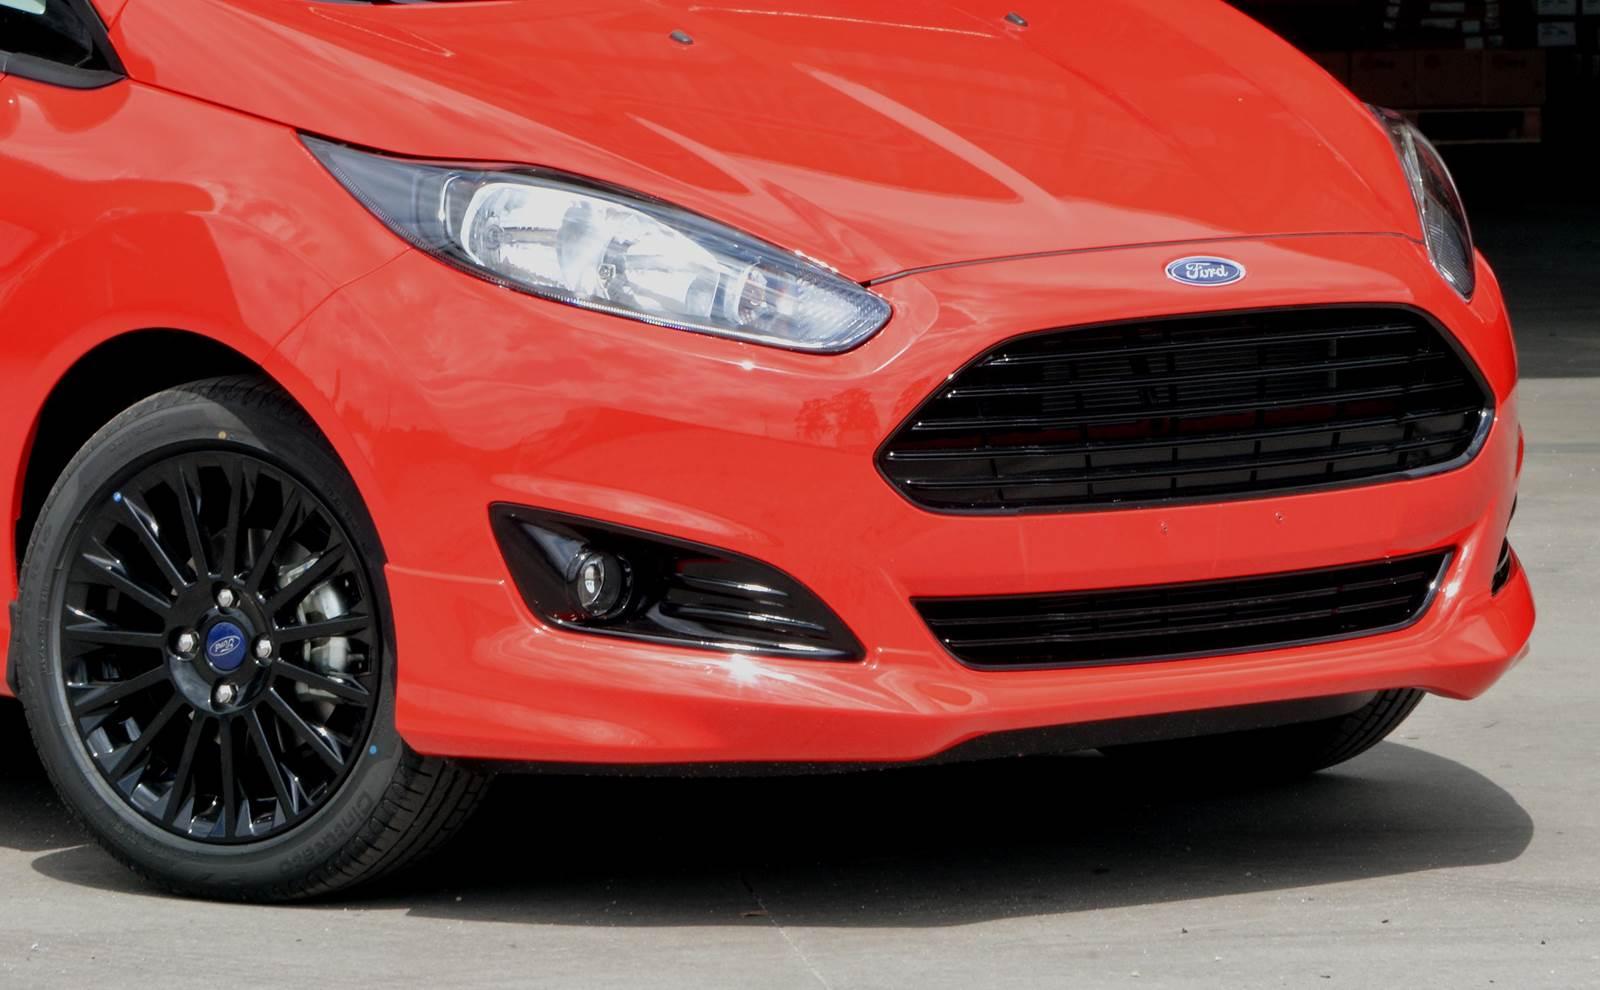 New Fiesta Sport 2015 - vermelho